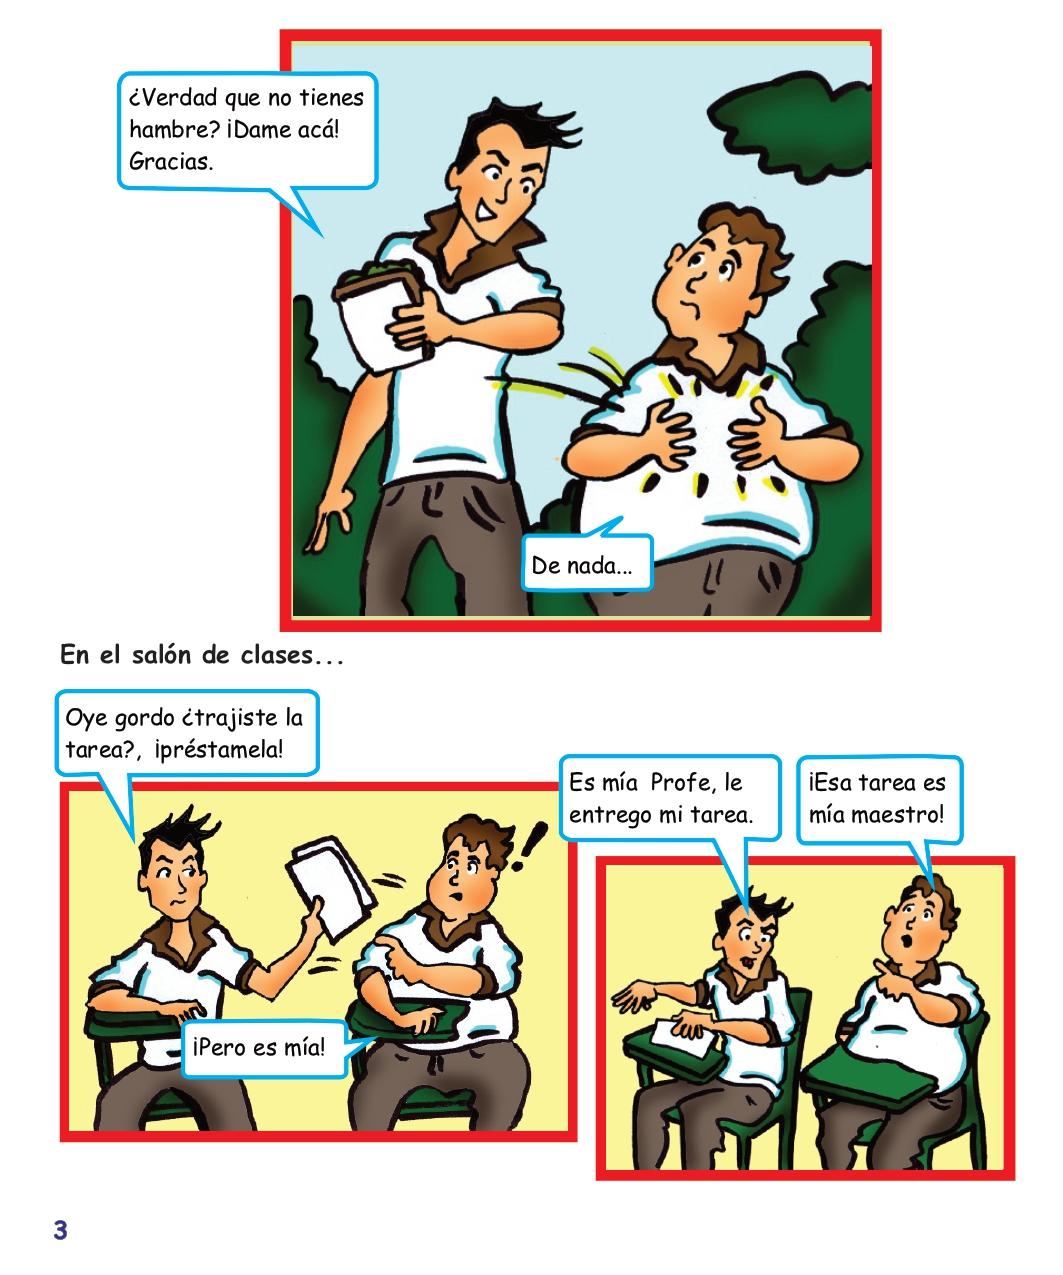 Psicología adolescentes Reyhan cap3 digital_page-0006